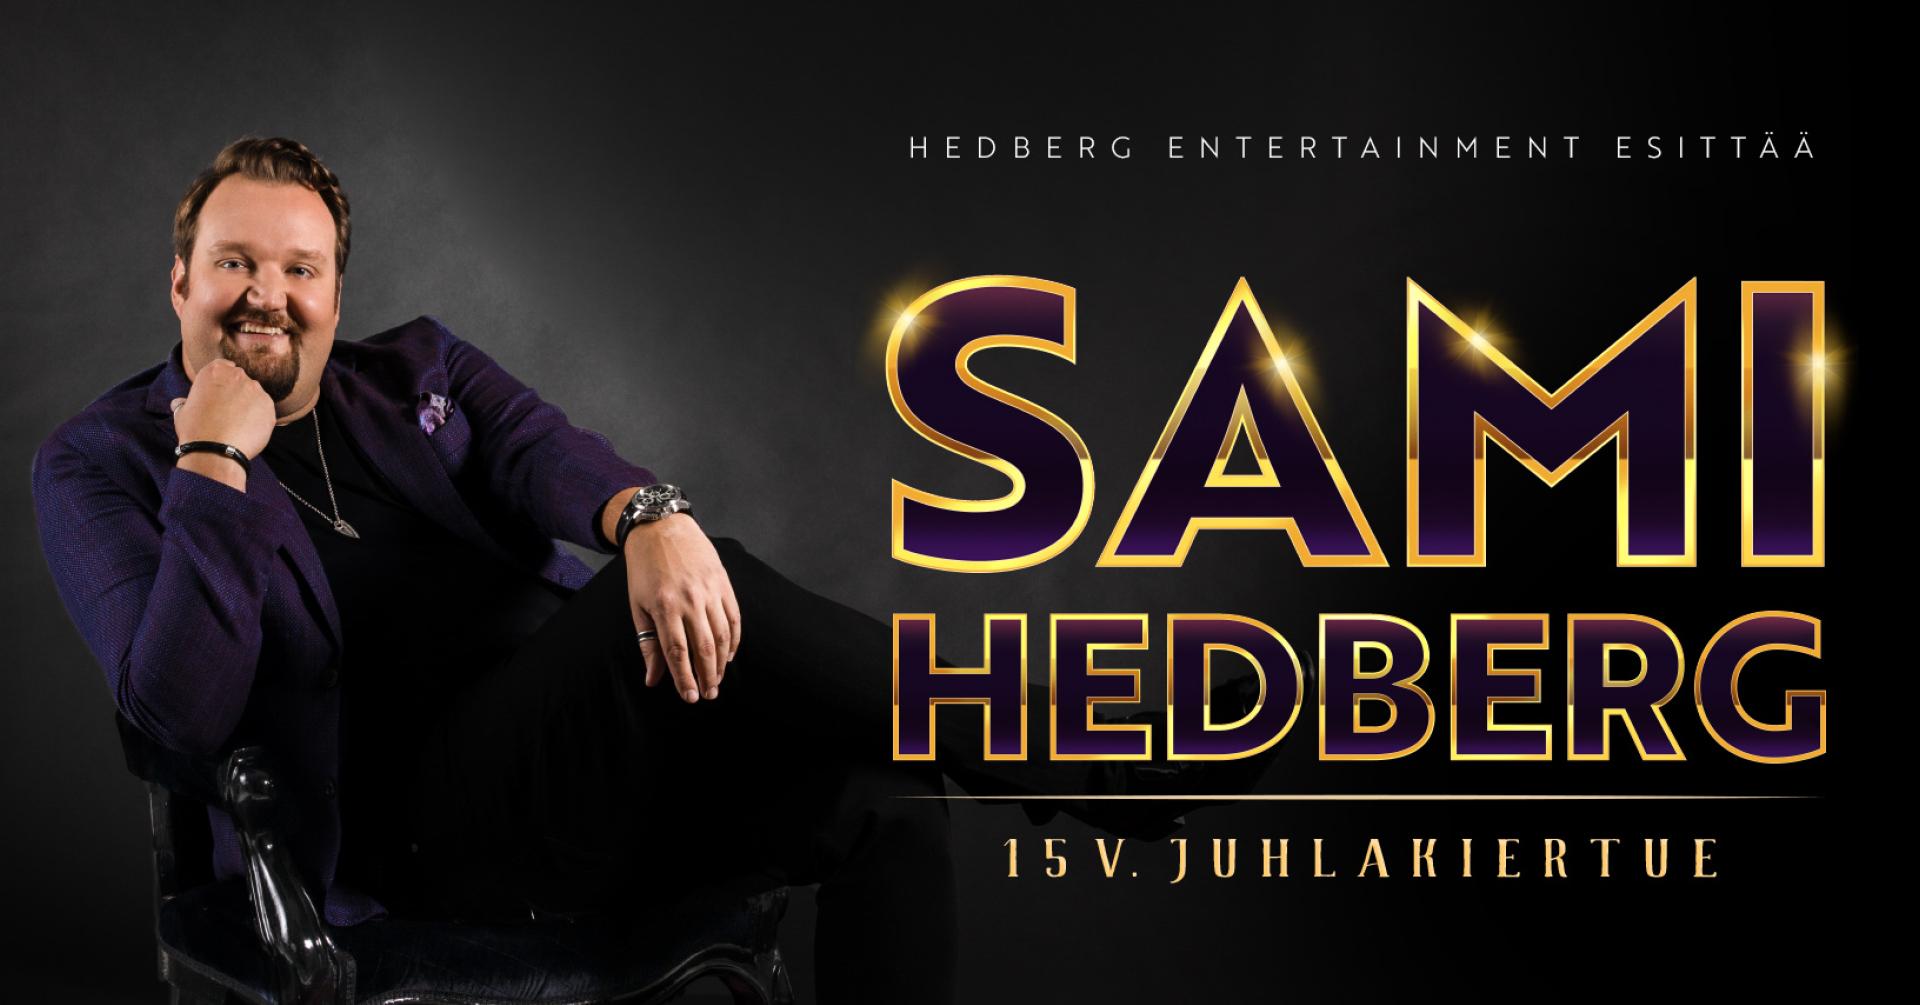 Sami Hedberg - 15v. juhlakiertue, 1. esitys